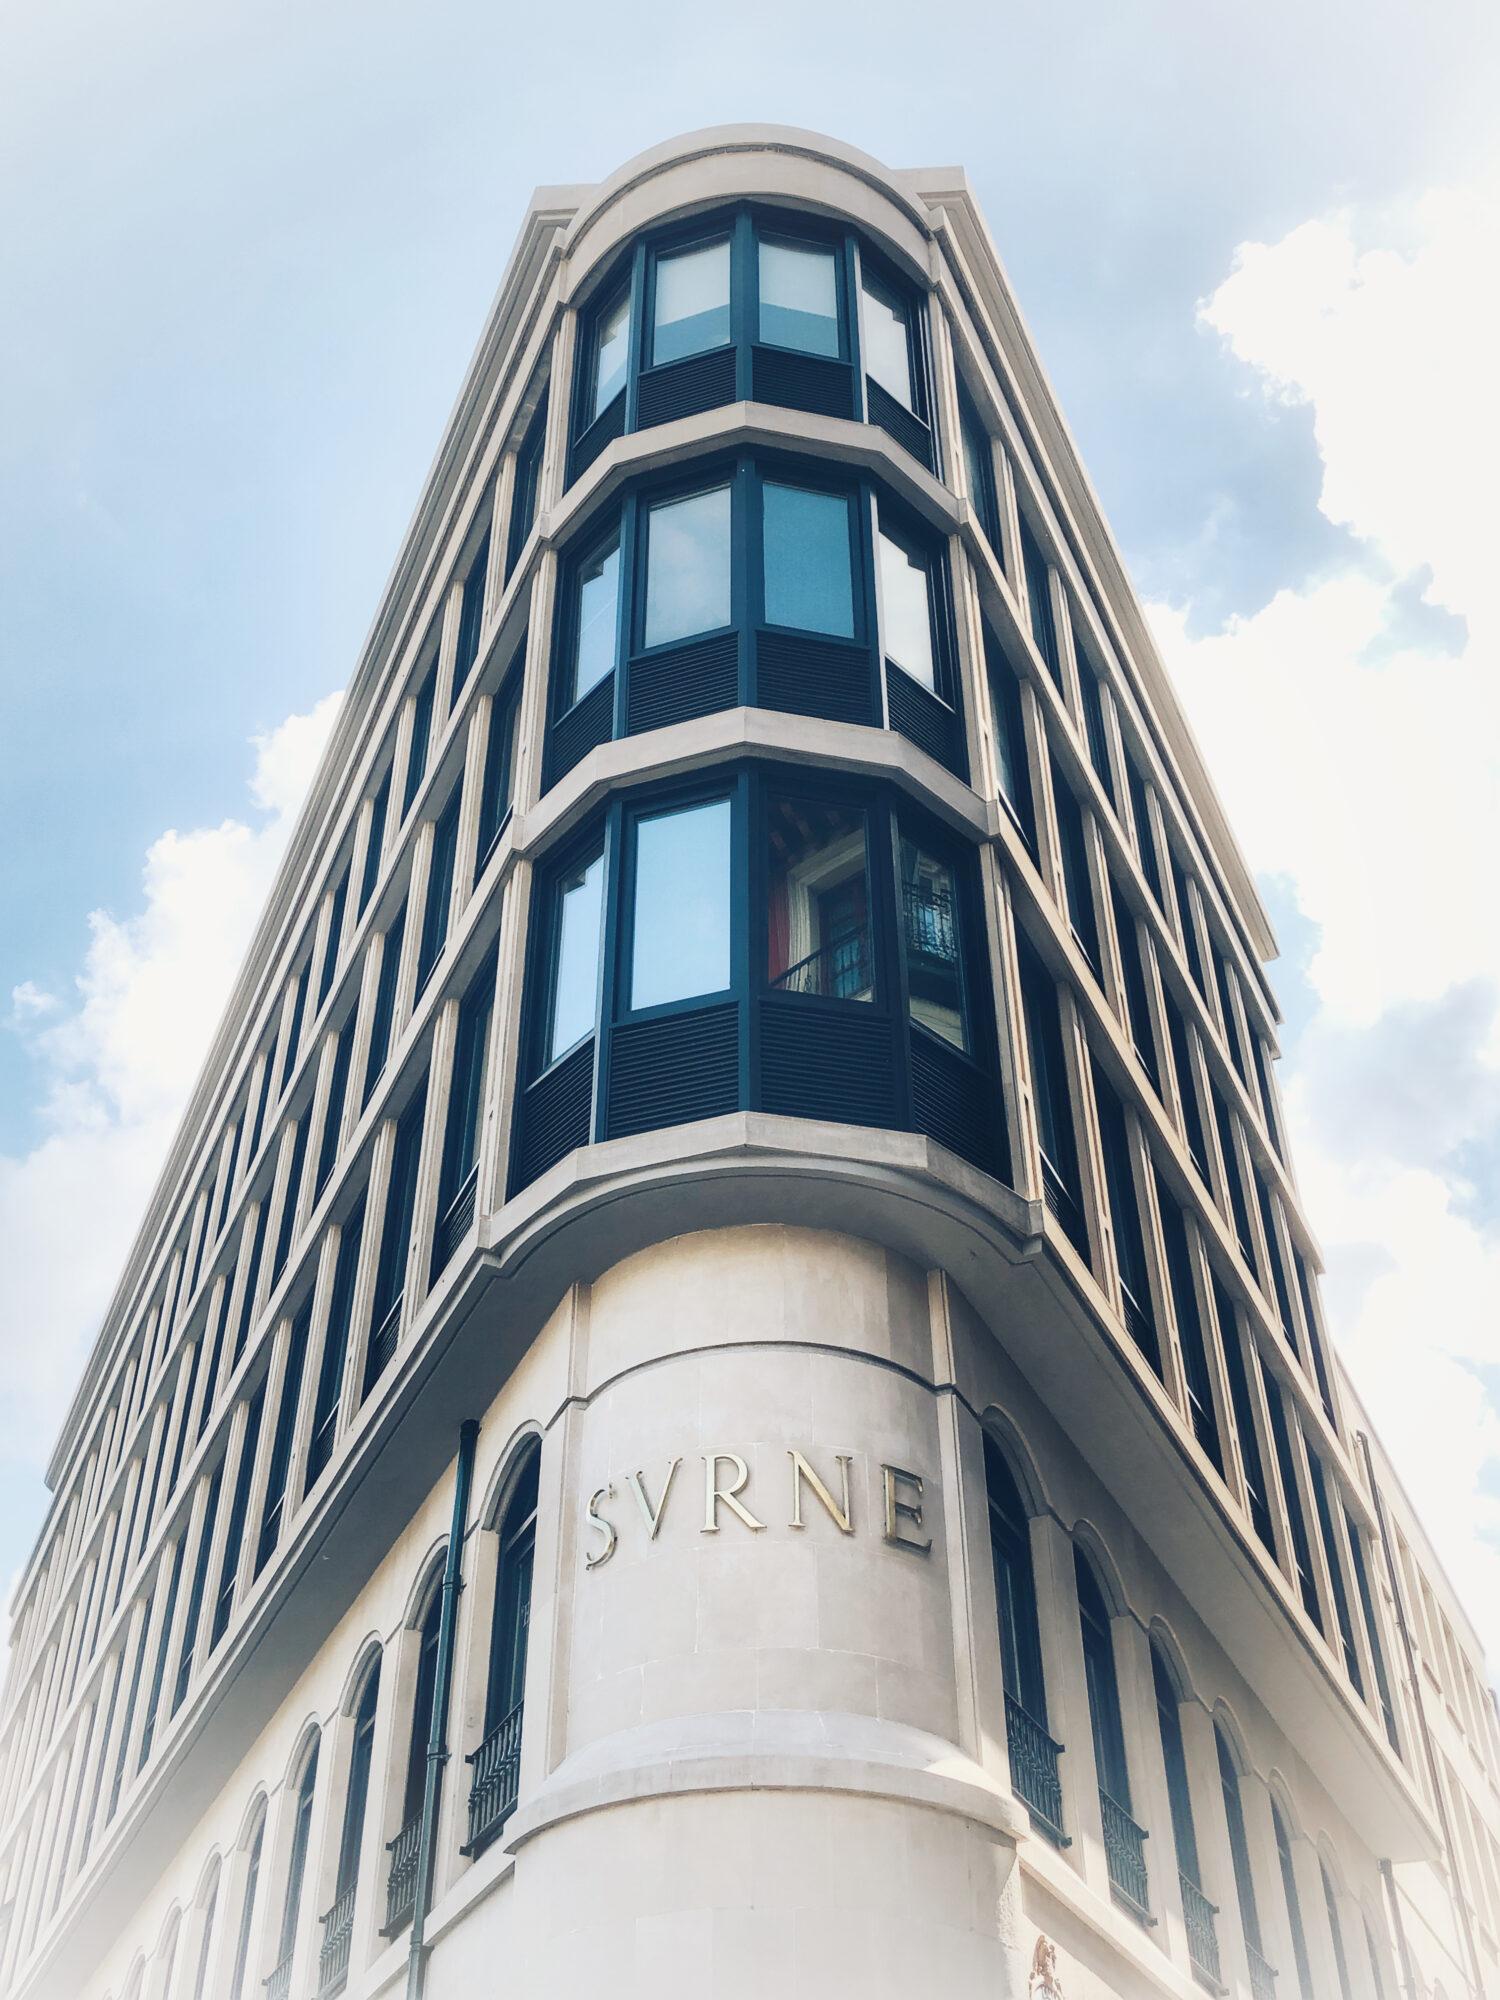 Rehabilitación de la emblemática fachada del edificio Surne de Bilbao